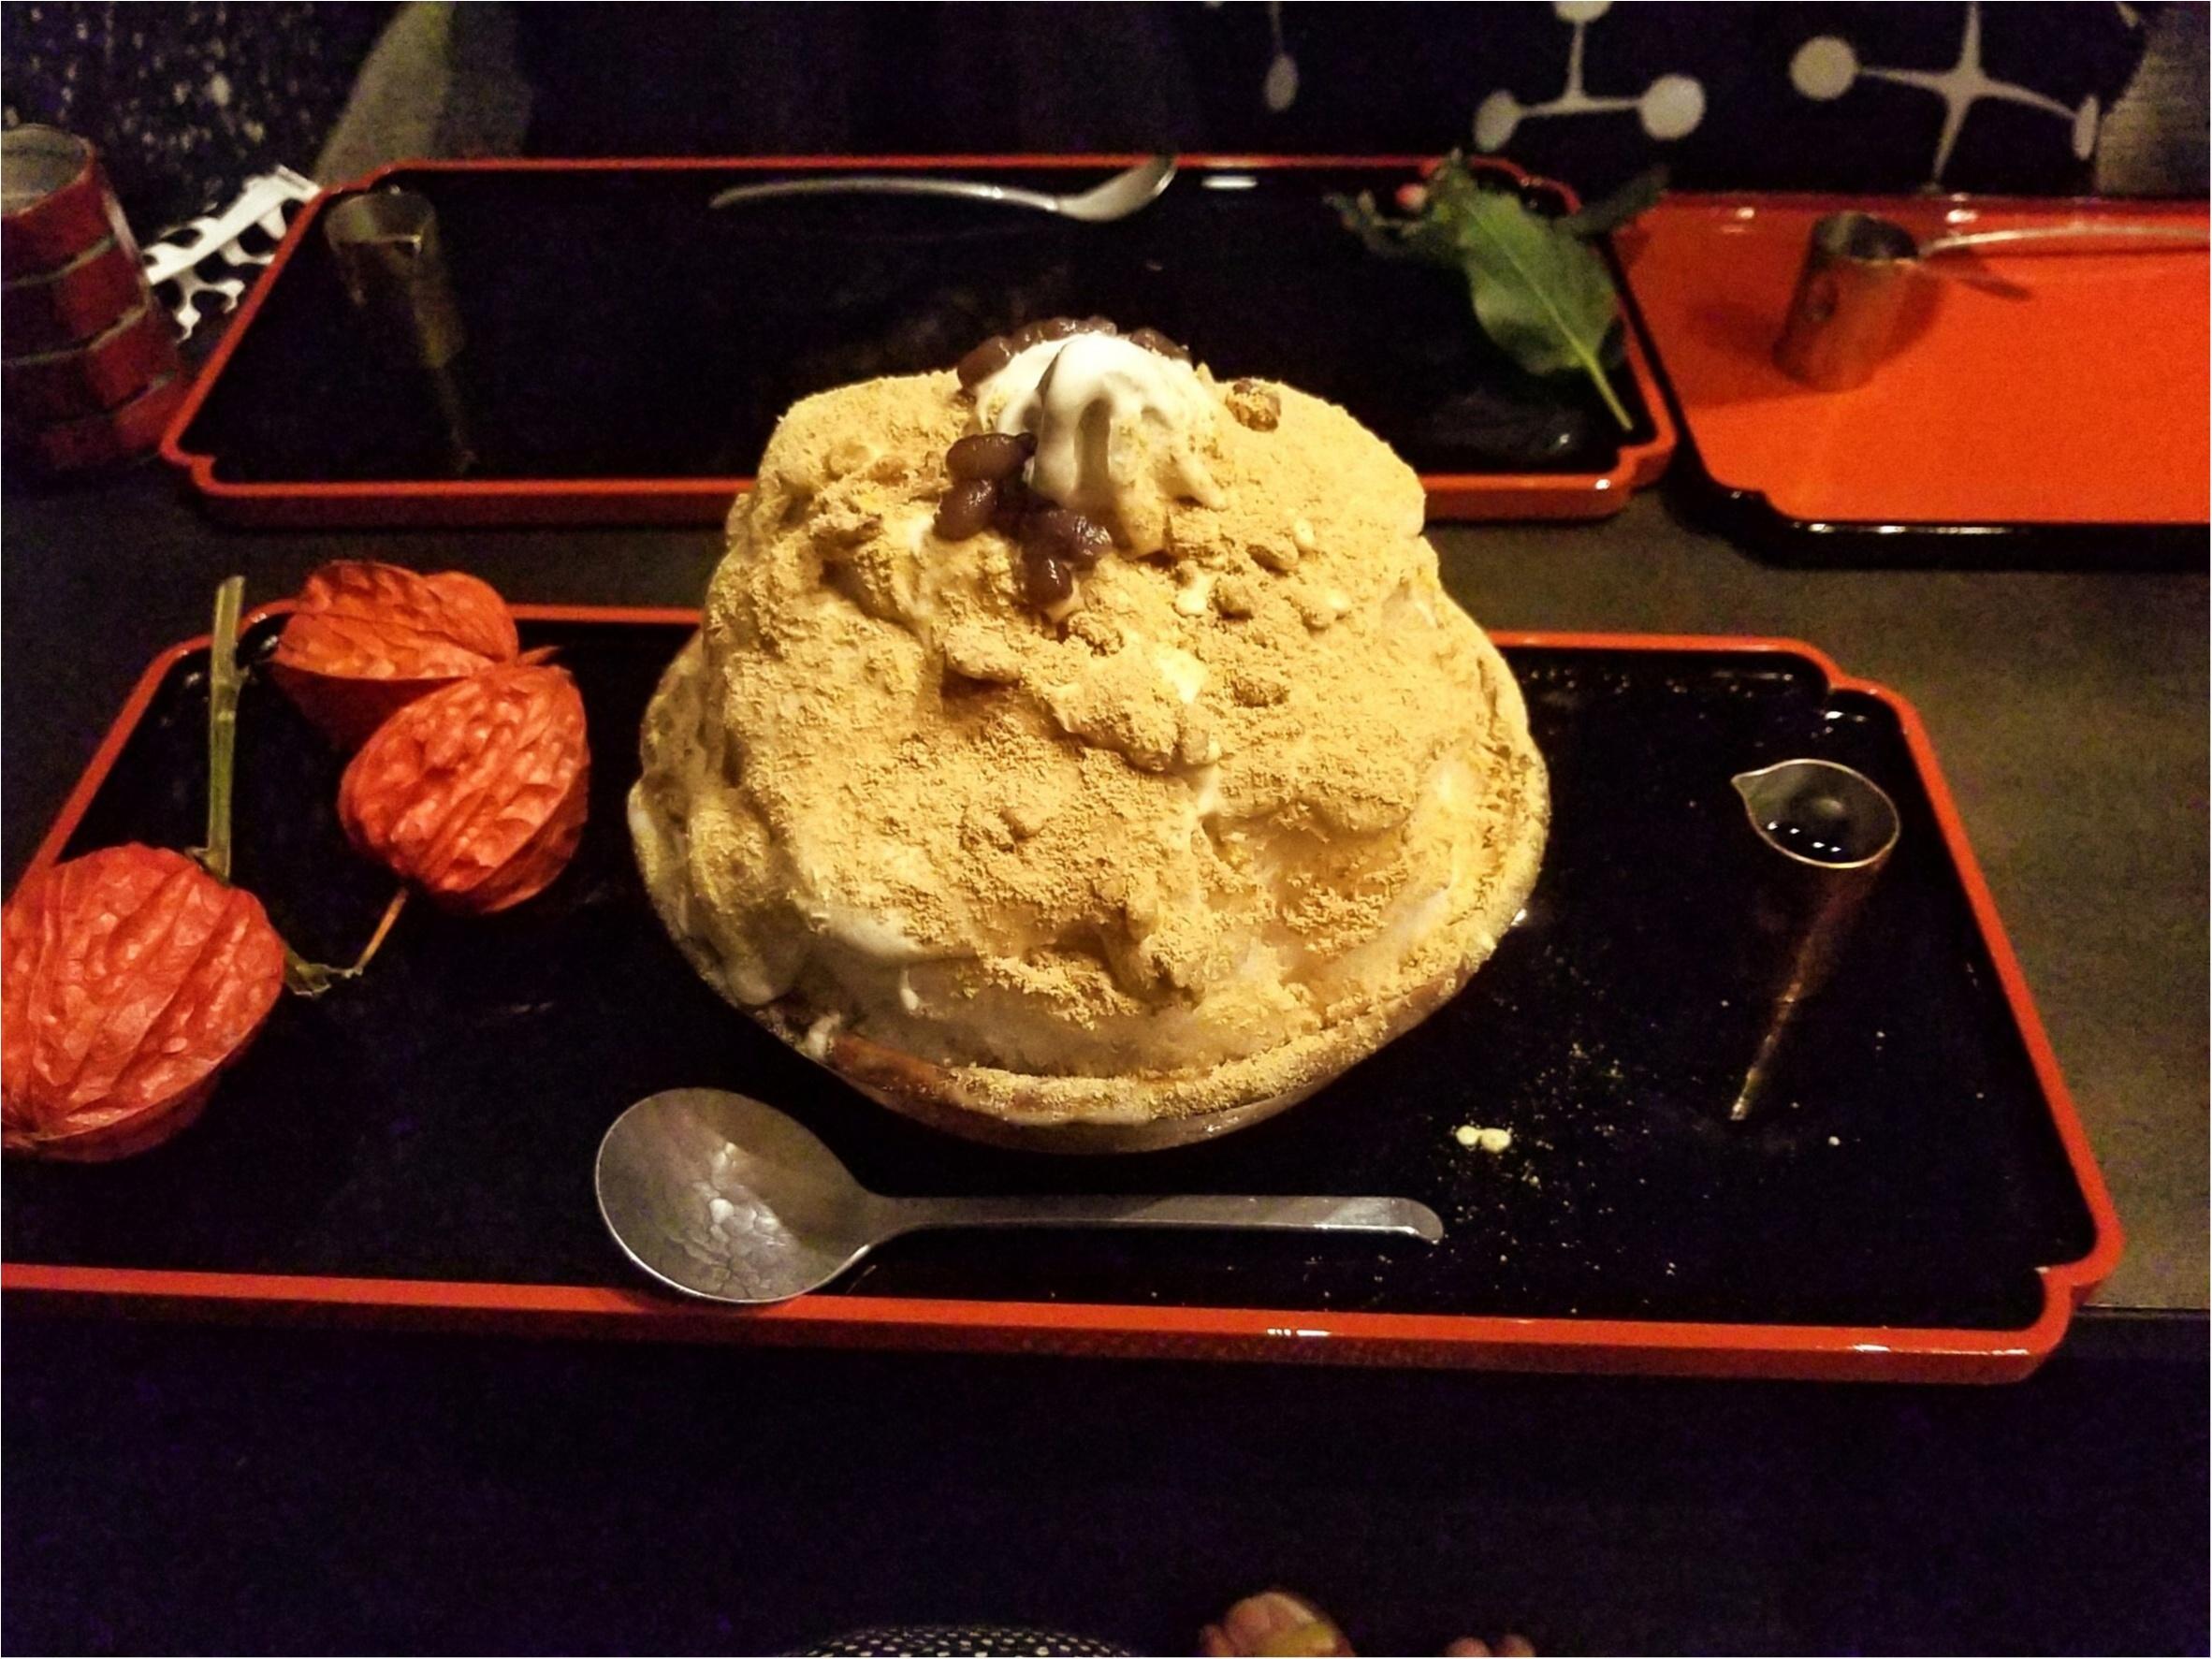 【至高の逸品!!】オトナの甘味を堪能する『黒蜜きな粉かき氷ソフト』♡♡@厨otonaくろぎ_1